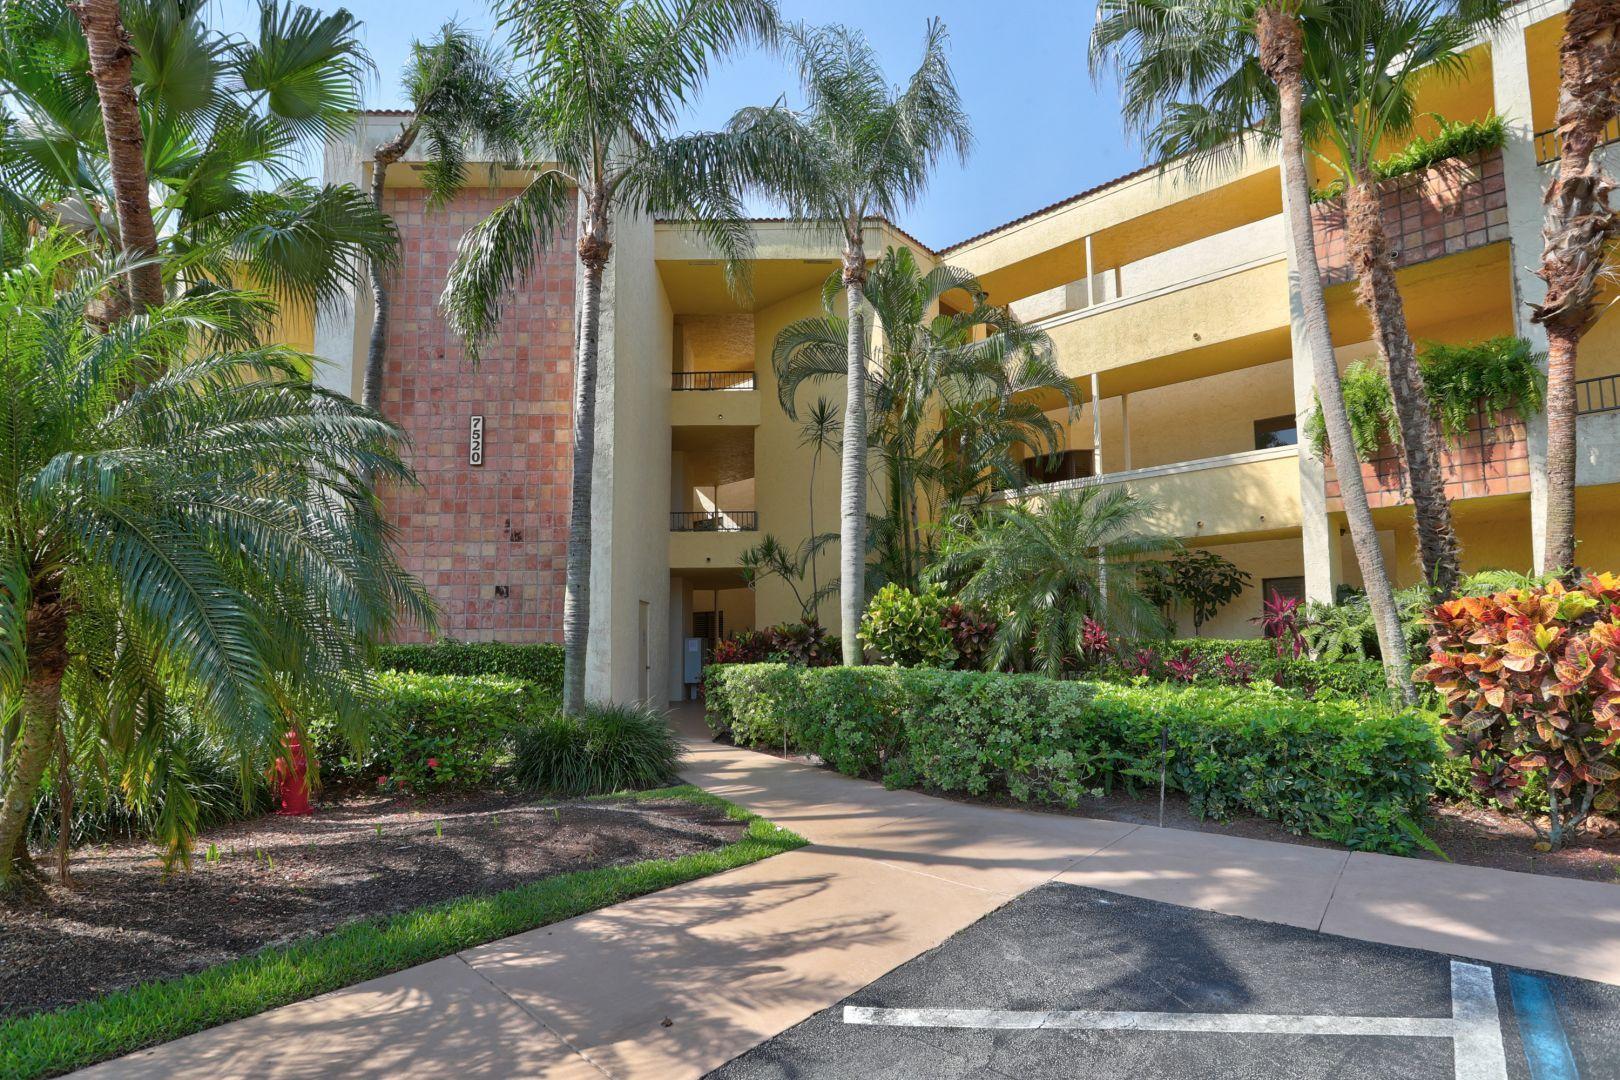 7520 La Paz Boulevard #309 Boca Raton, FL 33433